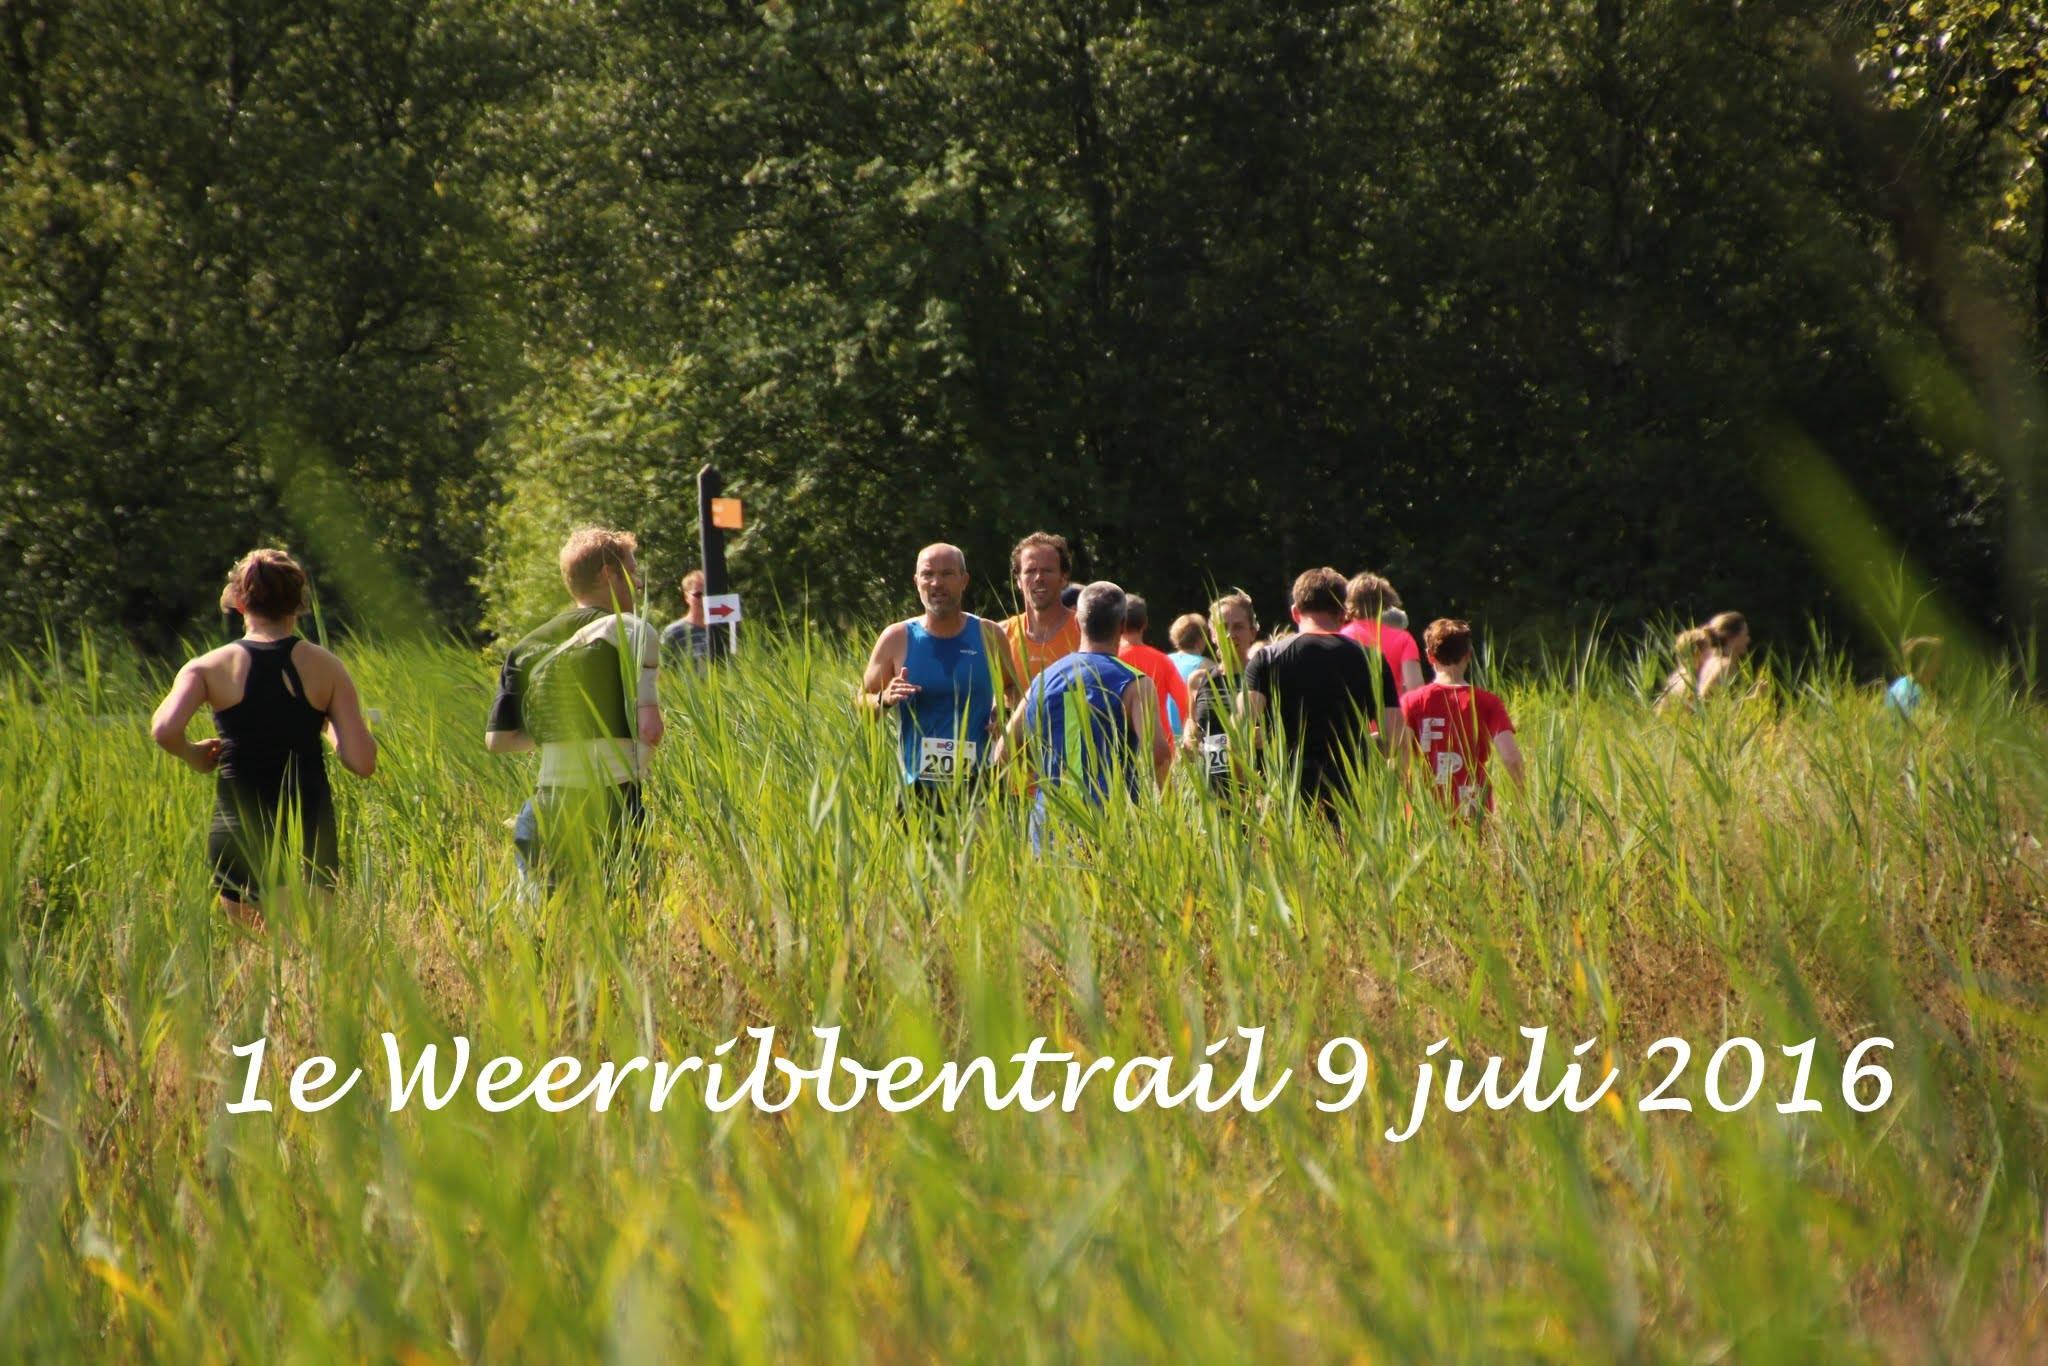 (C) Djurre van der Schaaf